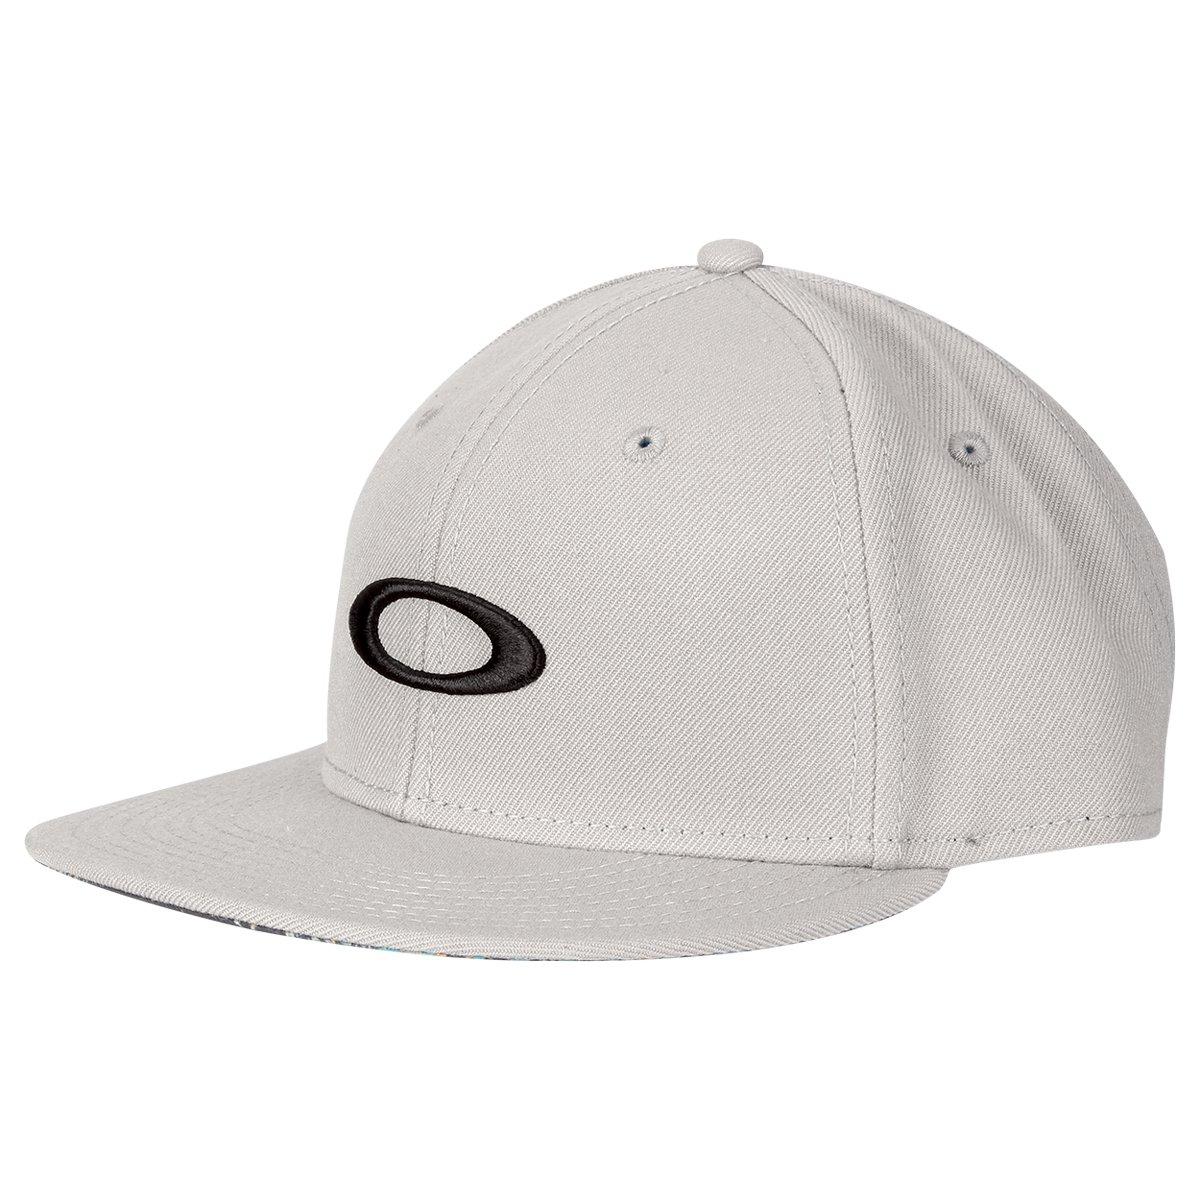 Boné Oakley Aba Reta Mod Ellipse Print Masculino - Compre Agora ... 7737e335e2ee9